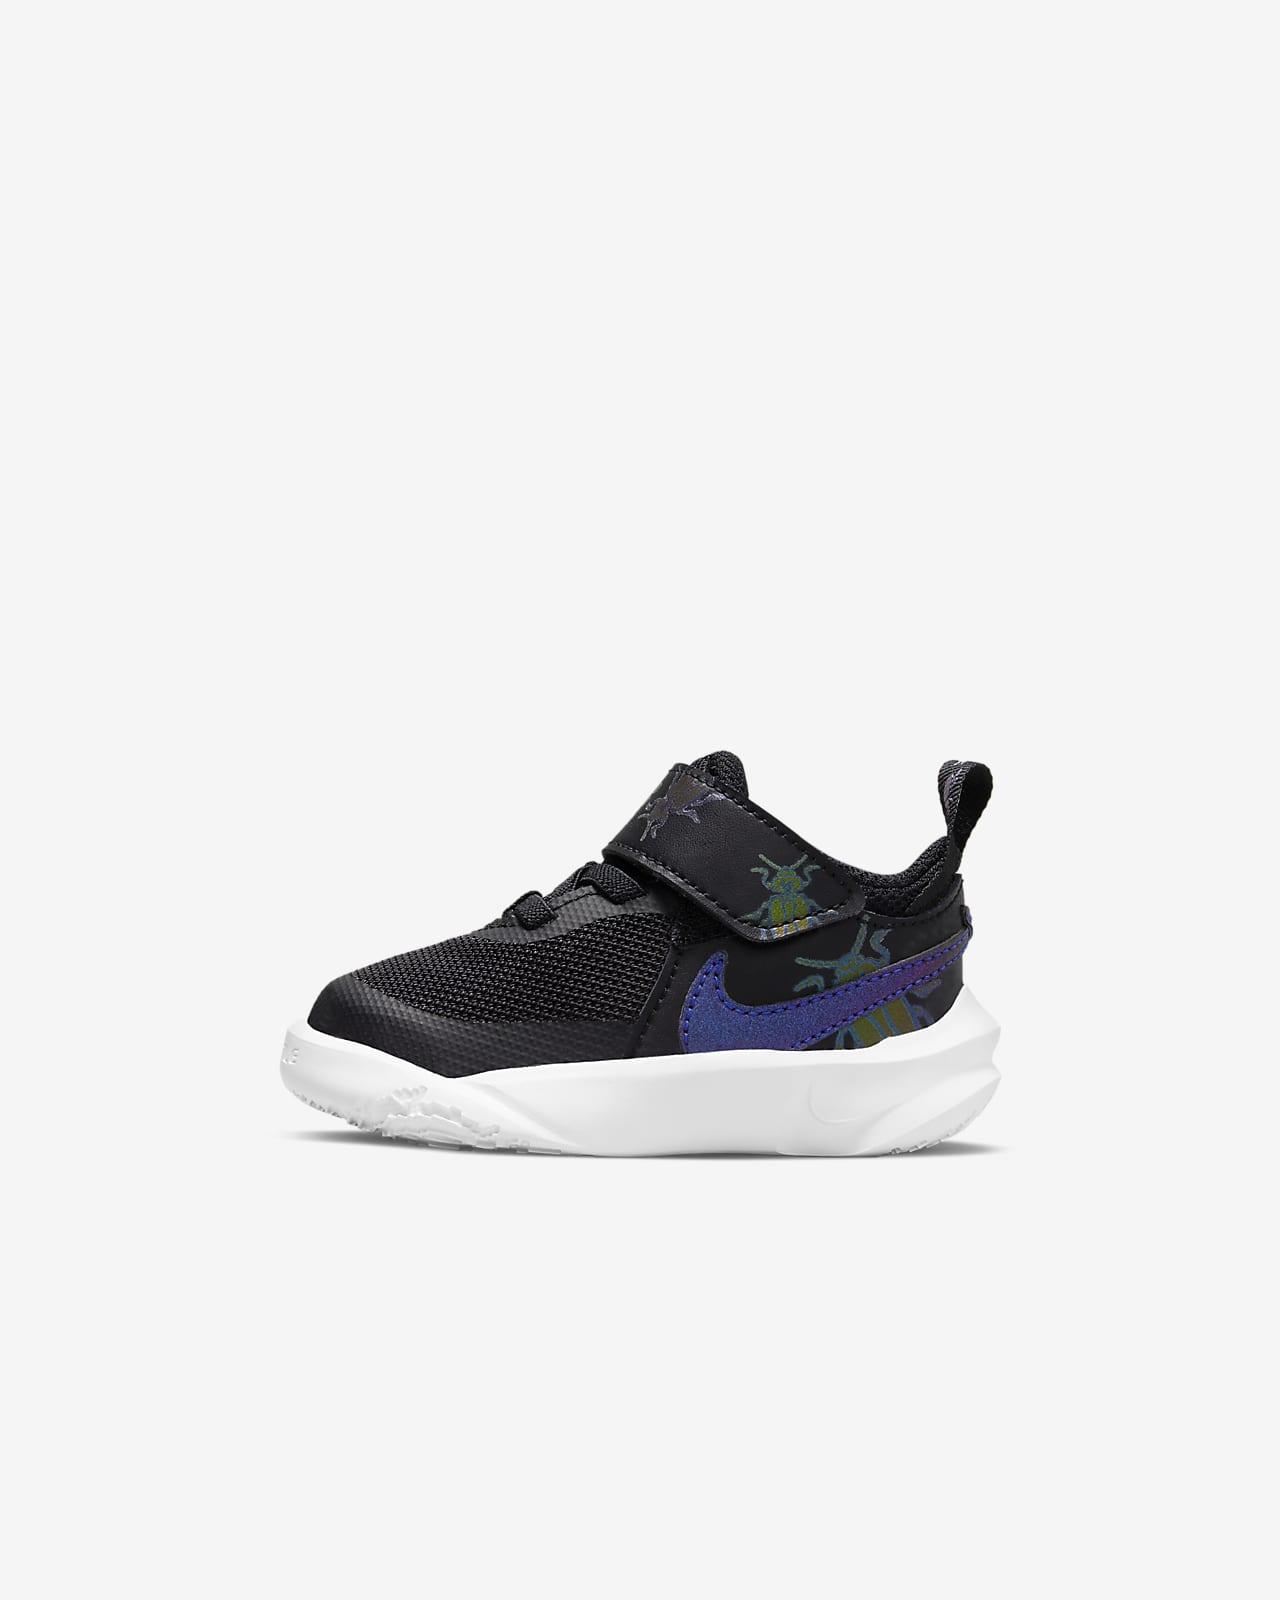 Nike Team Hustle D 10 «Lil Bugs» sko til sped-/småbarn